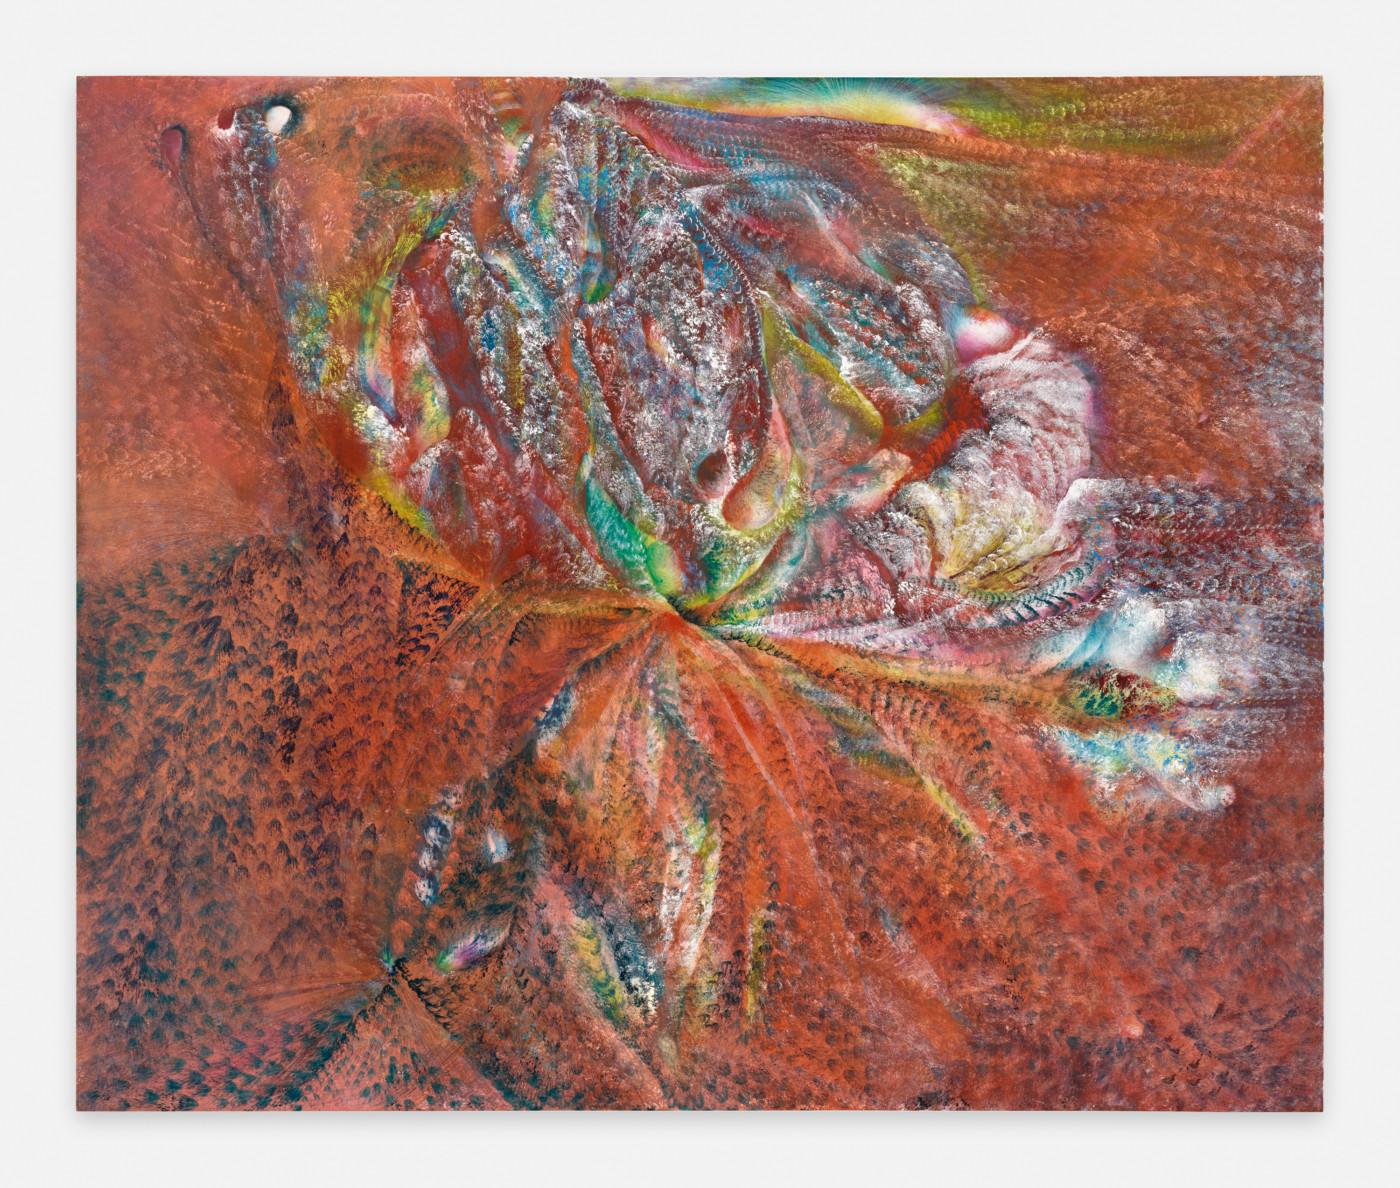 FIRST MEETINGS  Stellar Head , 2019 Oil on canvas 127 x 152,5 x 4 cm / 50 x 60 x 1.5 in - High Art Gallery Paris